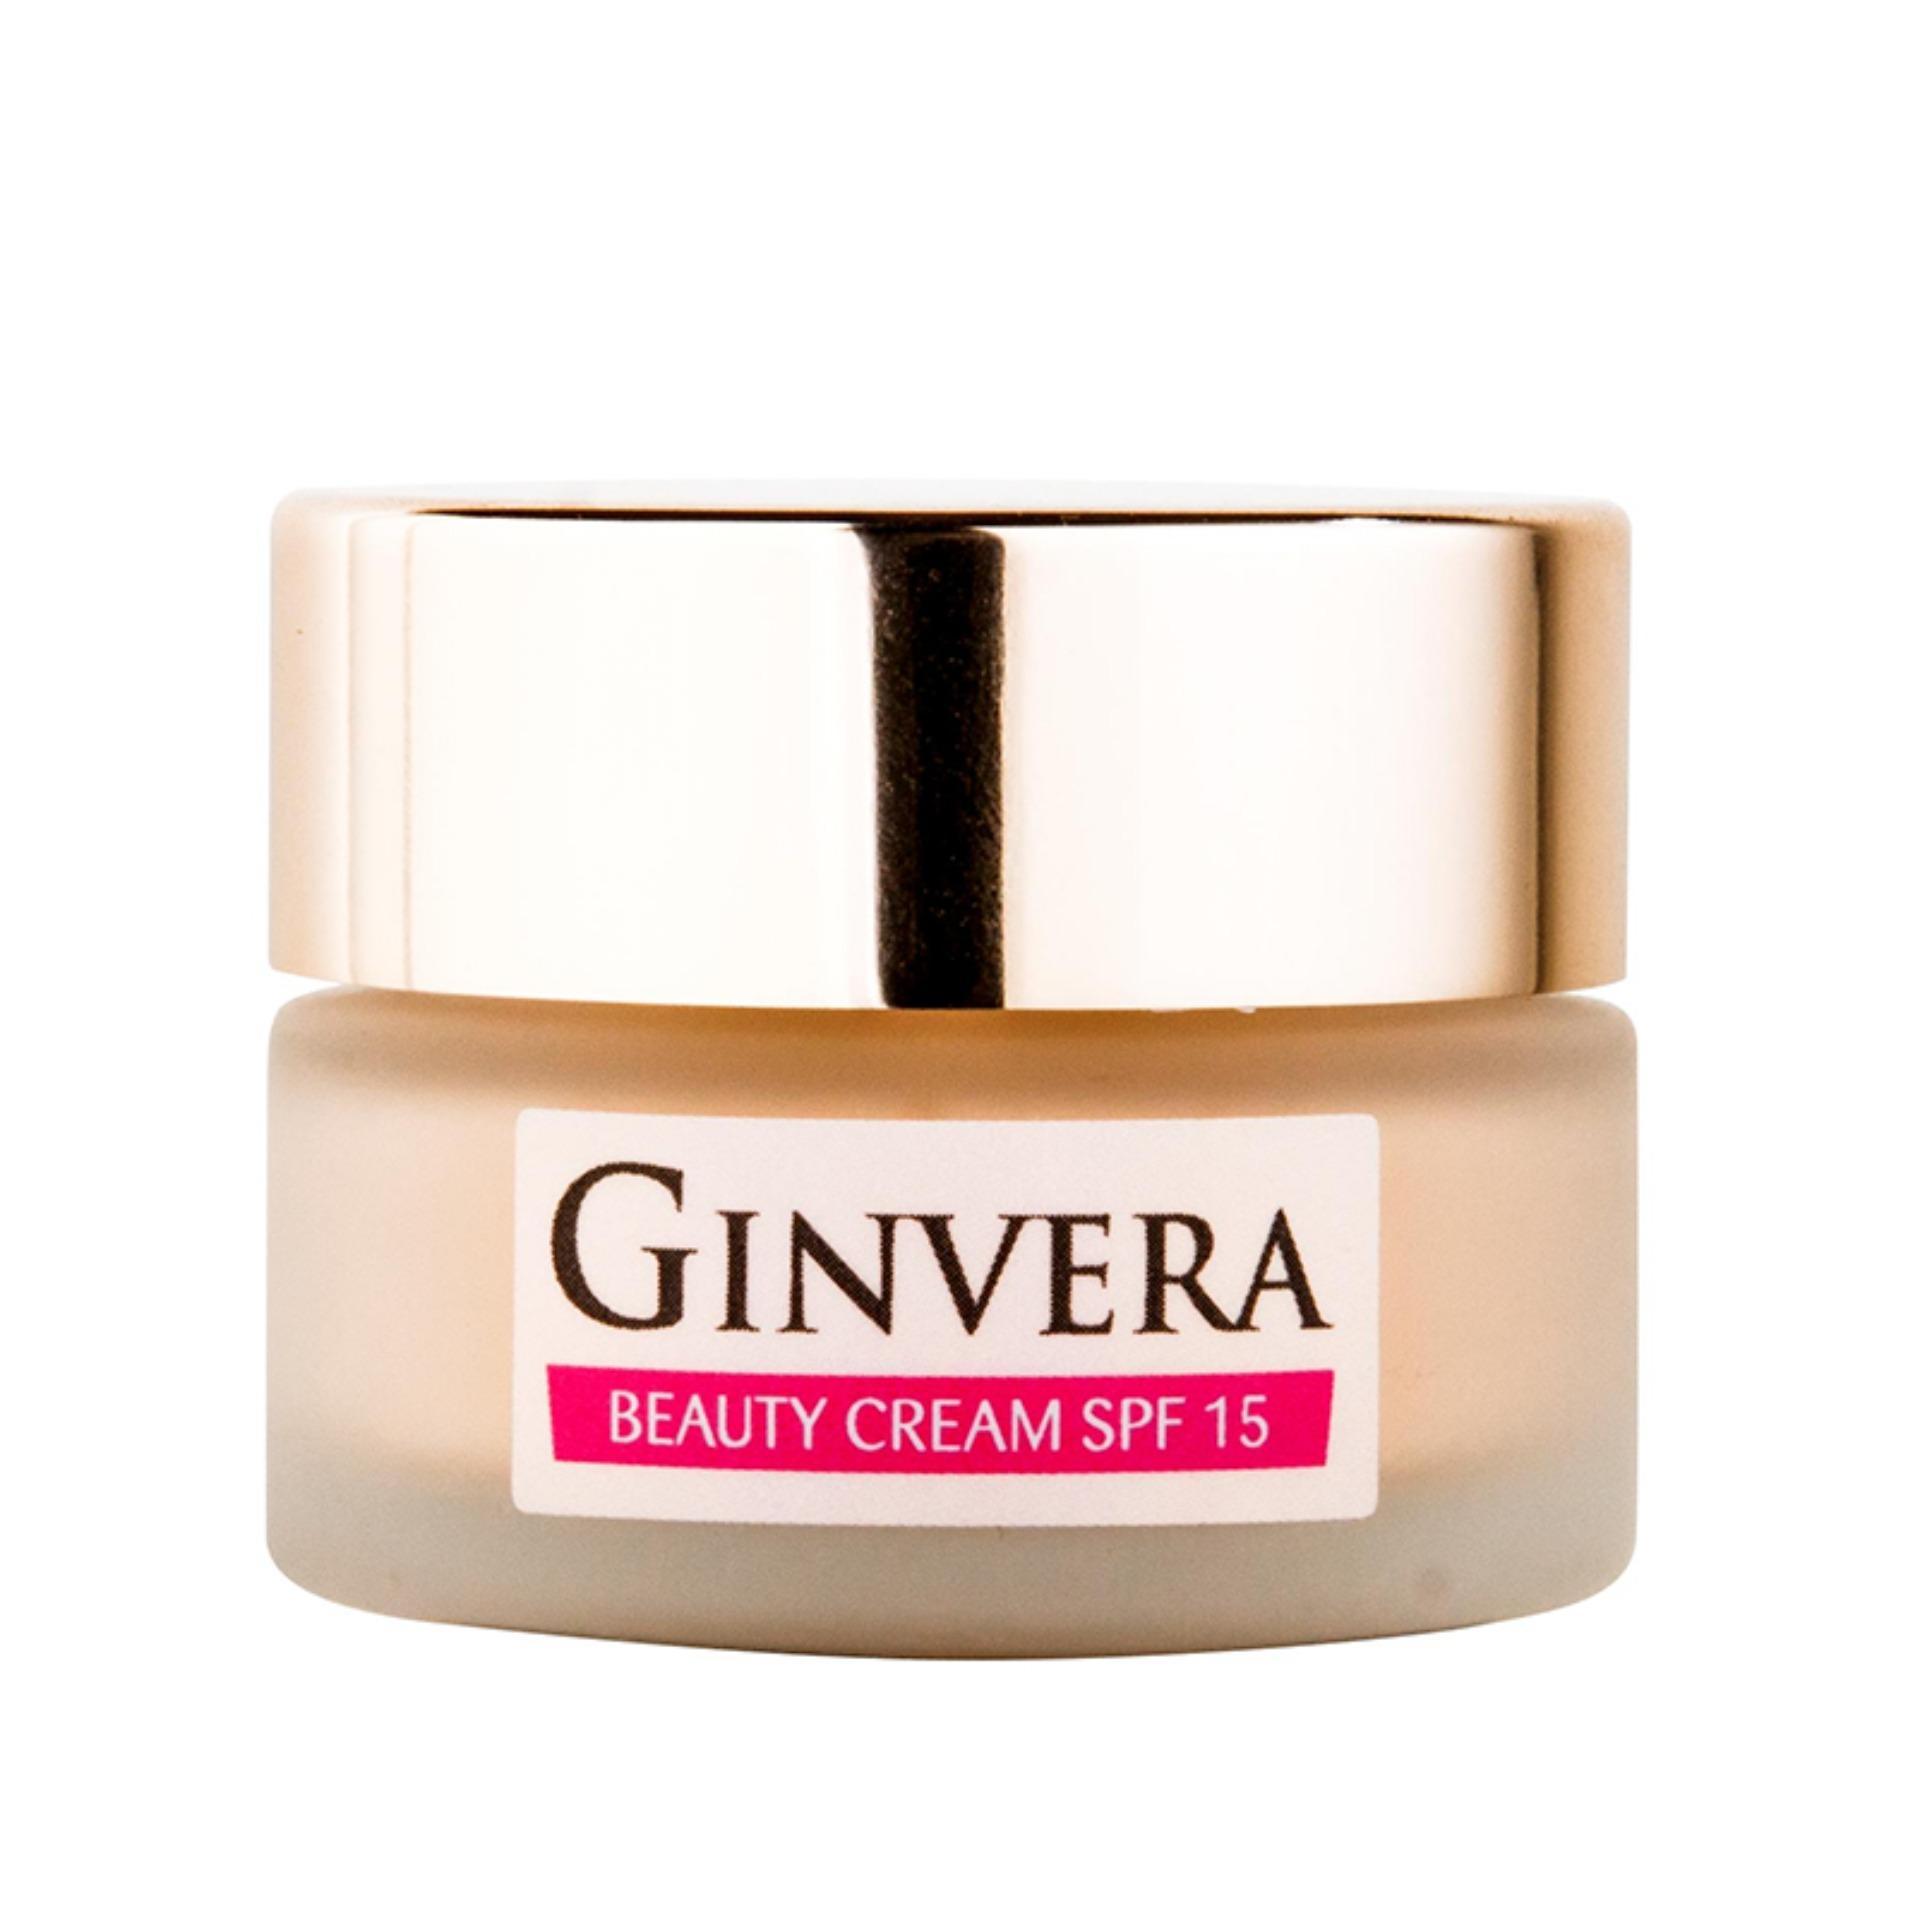 Ginvera Korean Sercets White Glow Beauty Cream spf15 16g